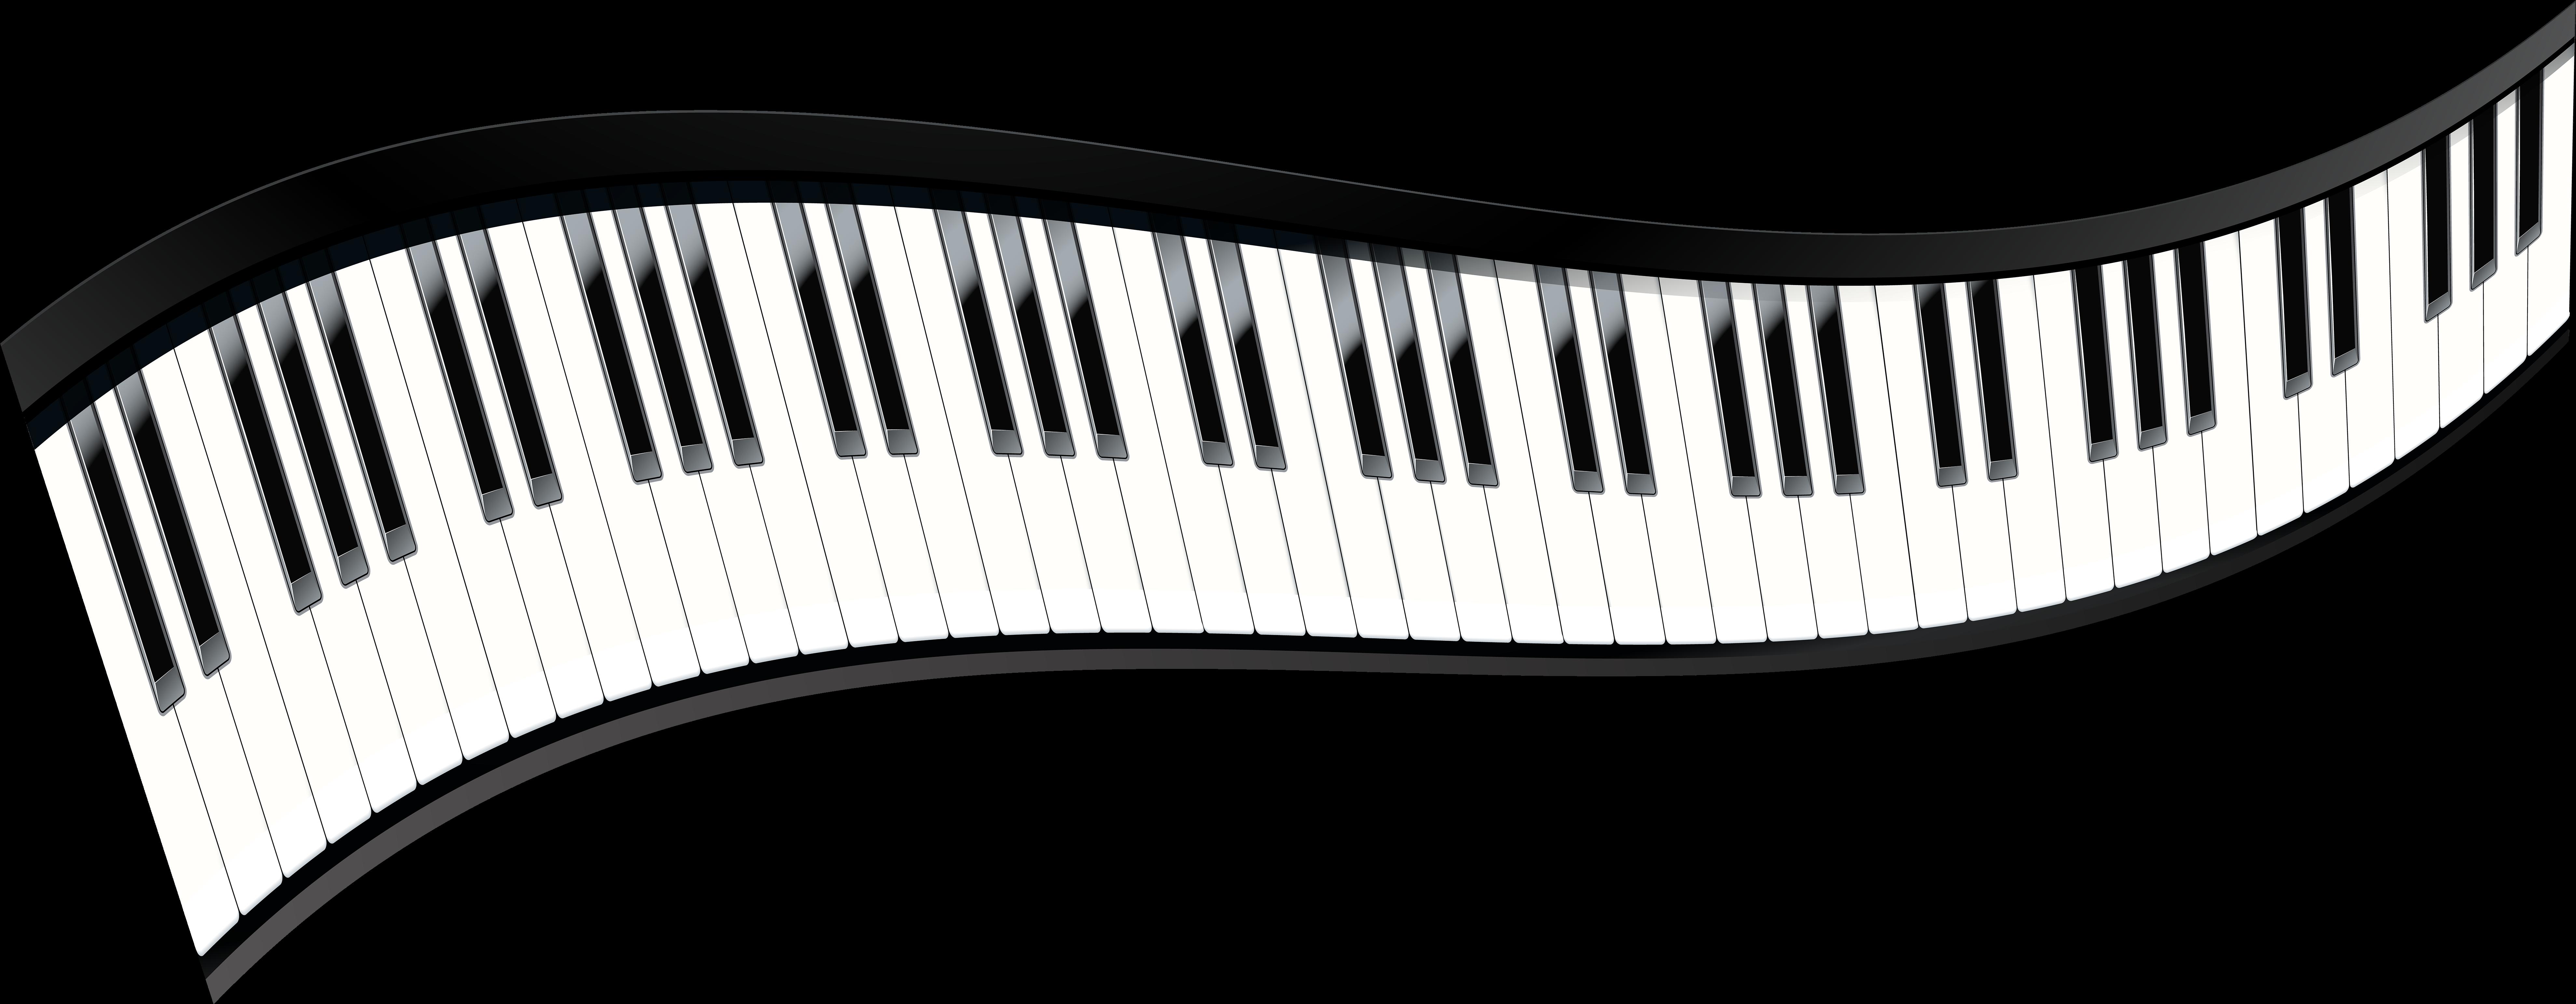 картинка клавиатура фортепиано на прозрачном фоне несложно